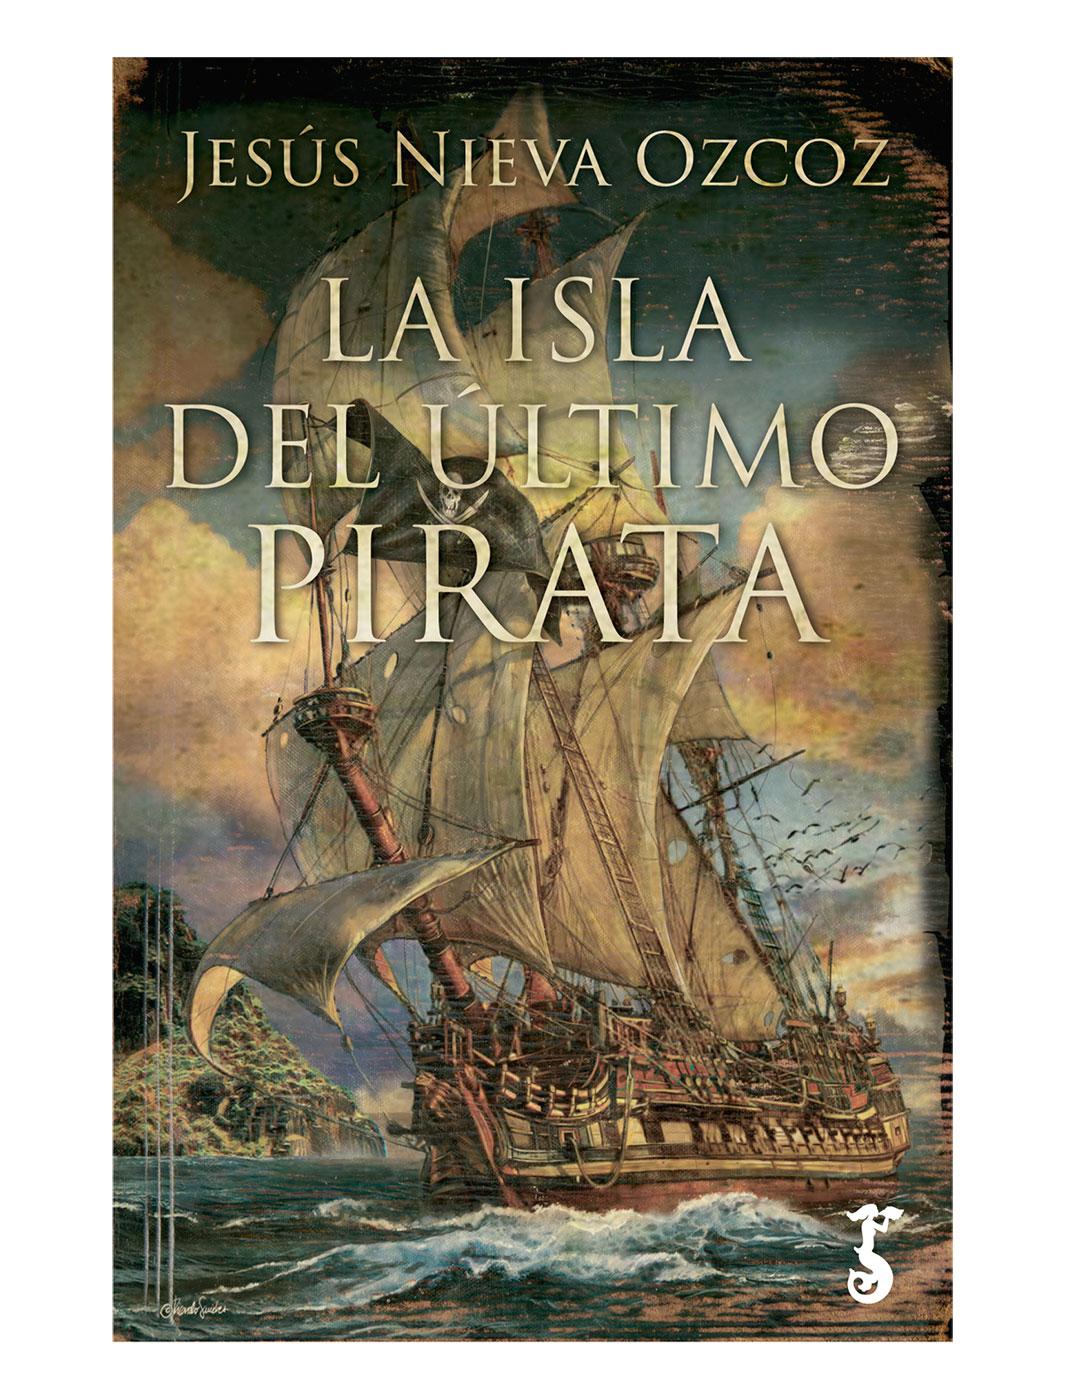 Jesus-nieva-ozcoz-la-isla-del-ultimo-pirata-ediciones-arzalia